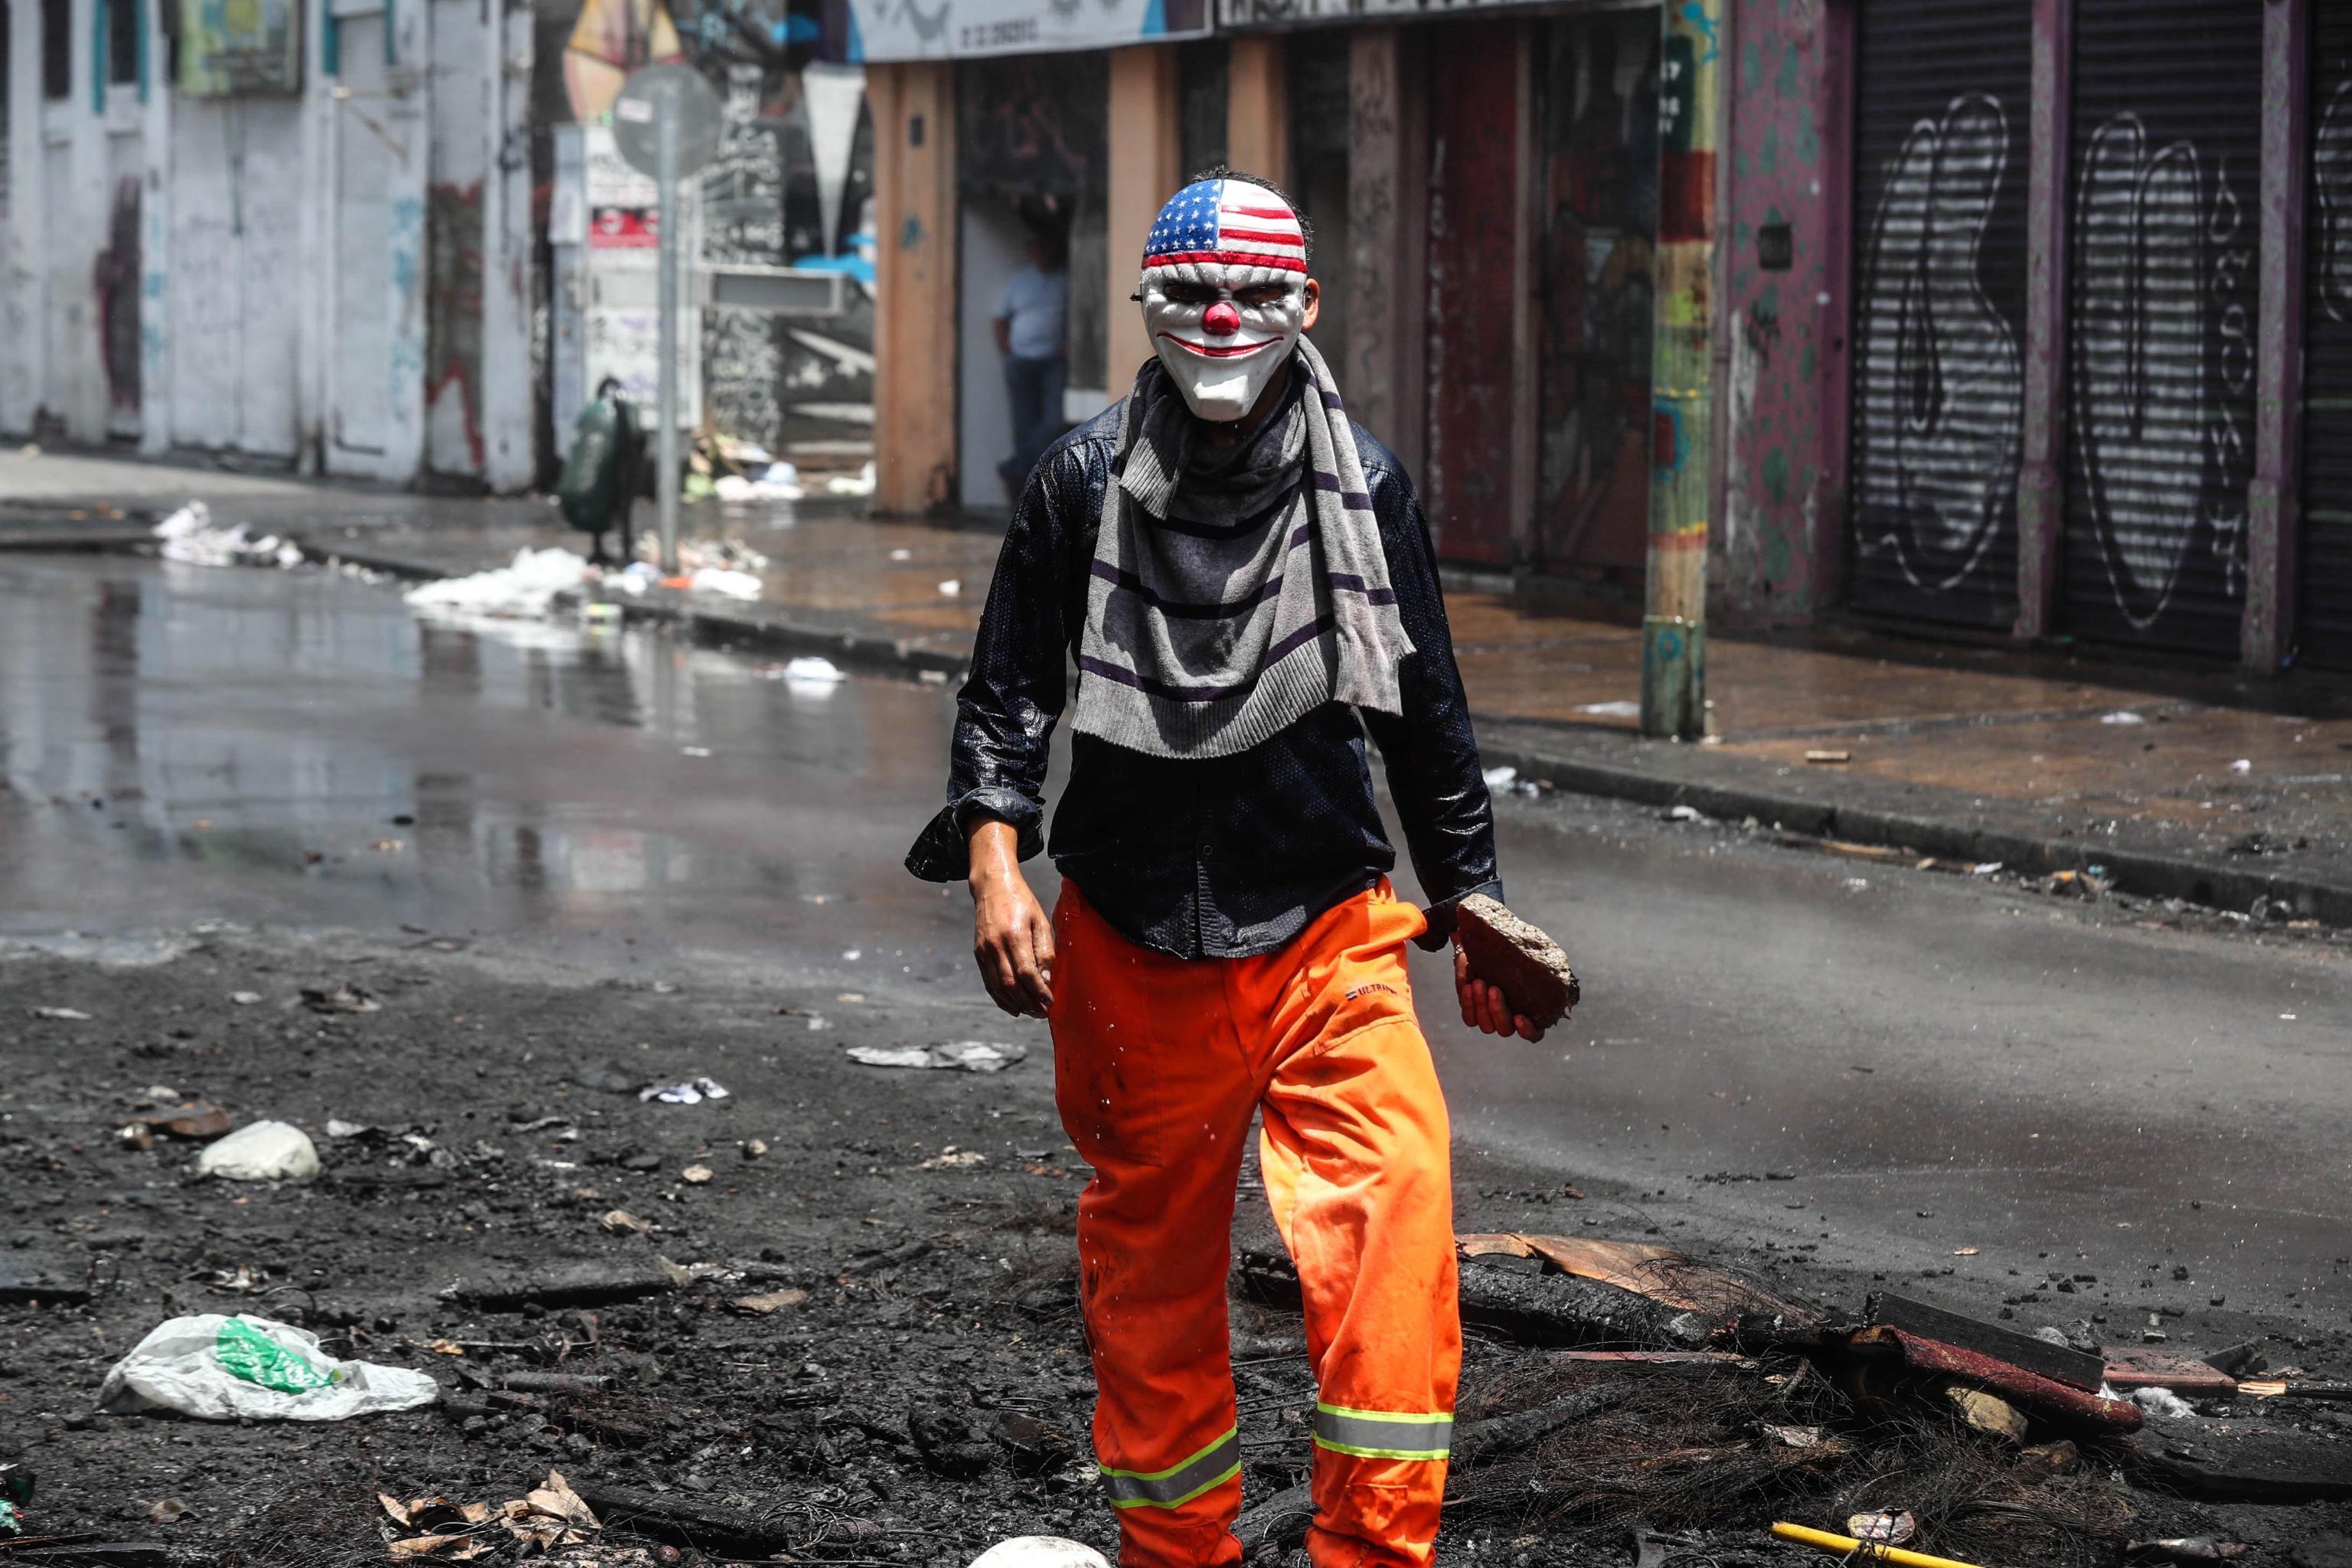 Operaio portuale con una maschera caricaturale degli Usa, in protesta contro il governo a Valparaíso, in Cile